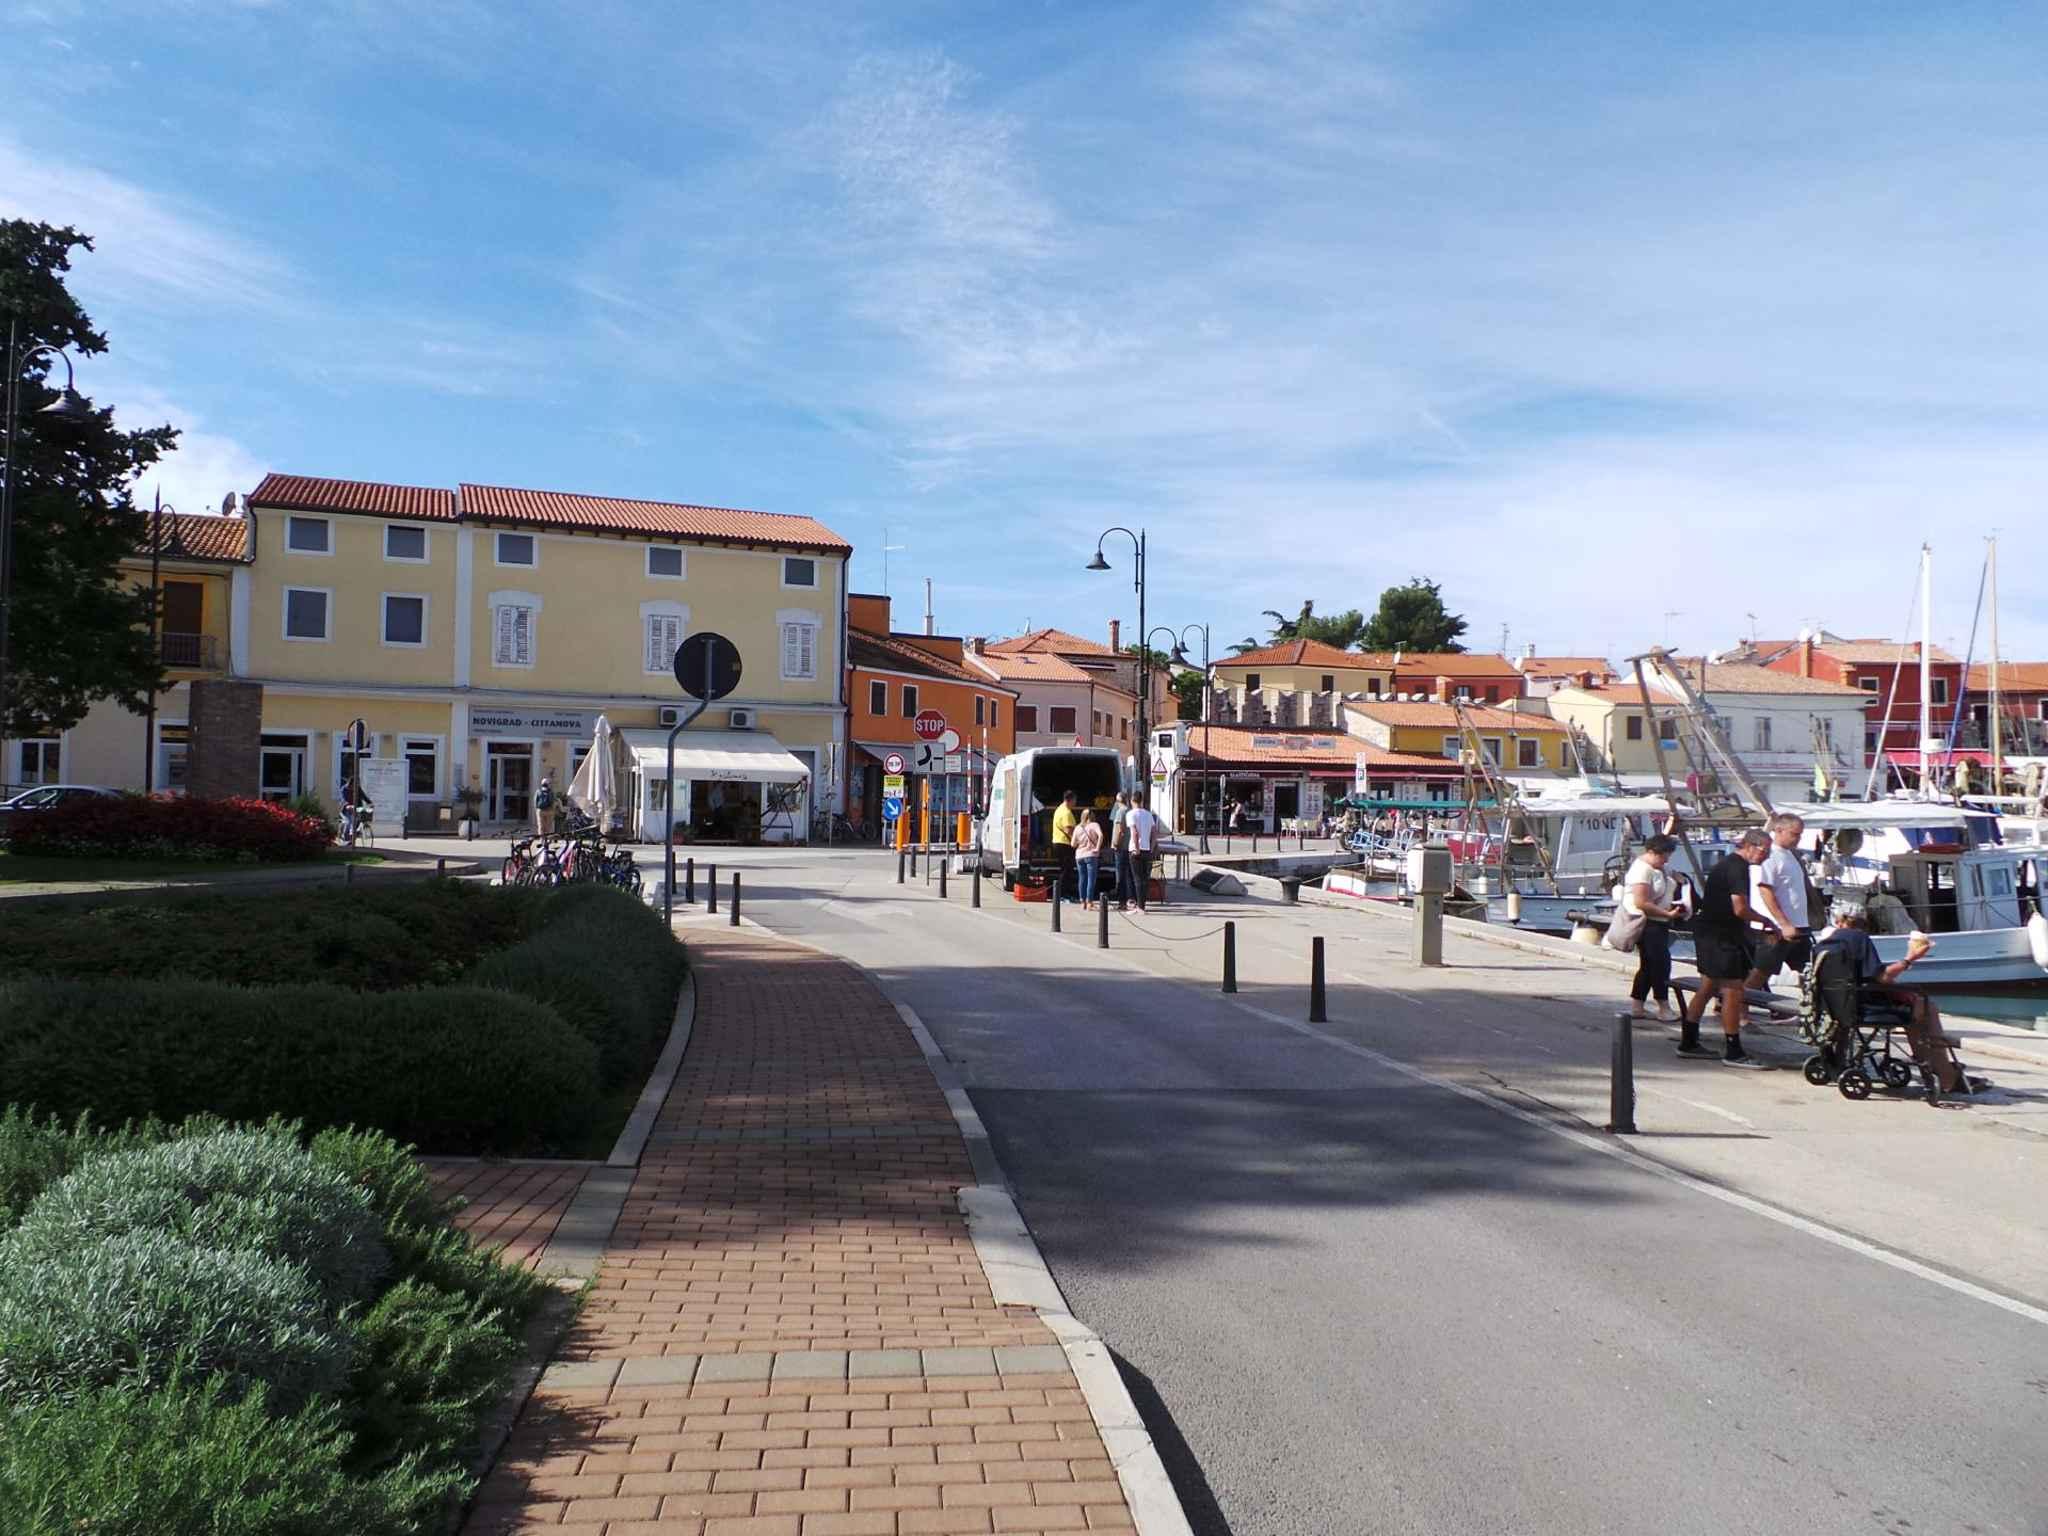 Ferienwohnung in Adrianähe mit Meerblick (278894), Zadar, , Dalmatien, Kroatien, Bild 38